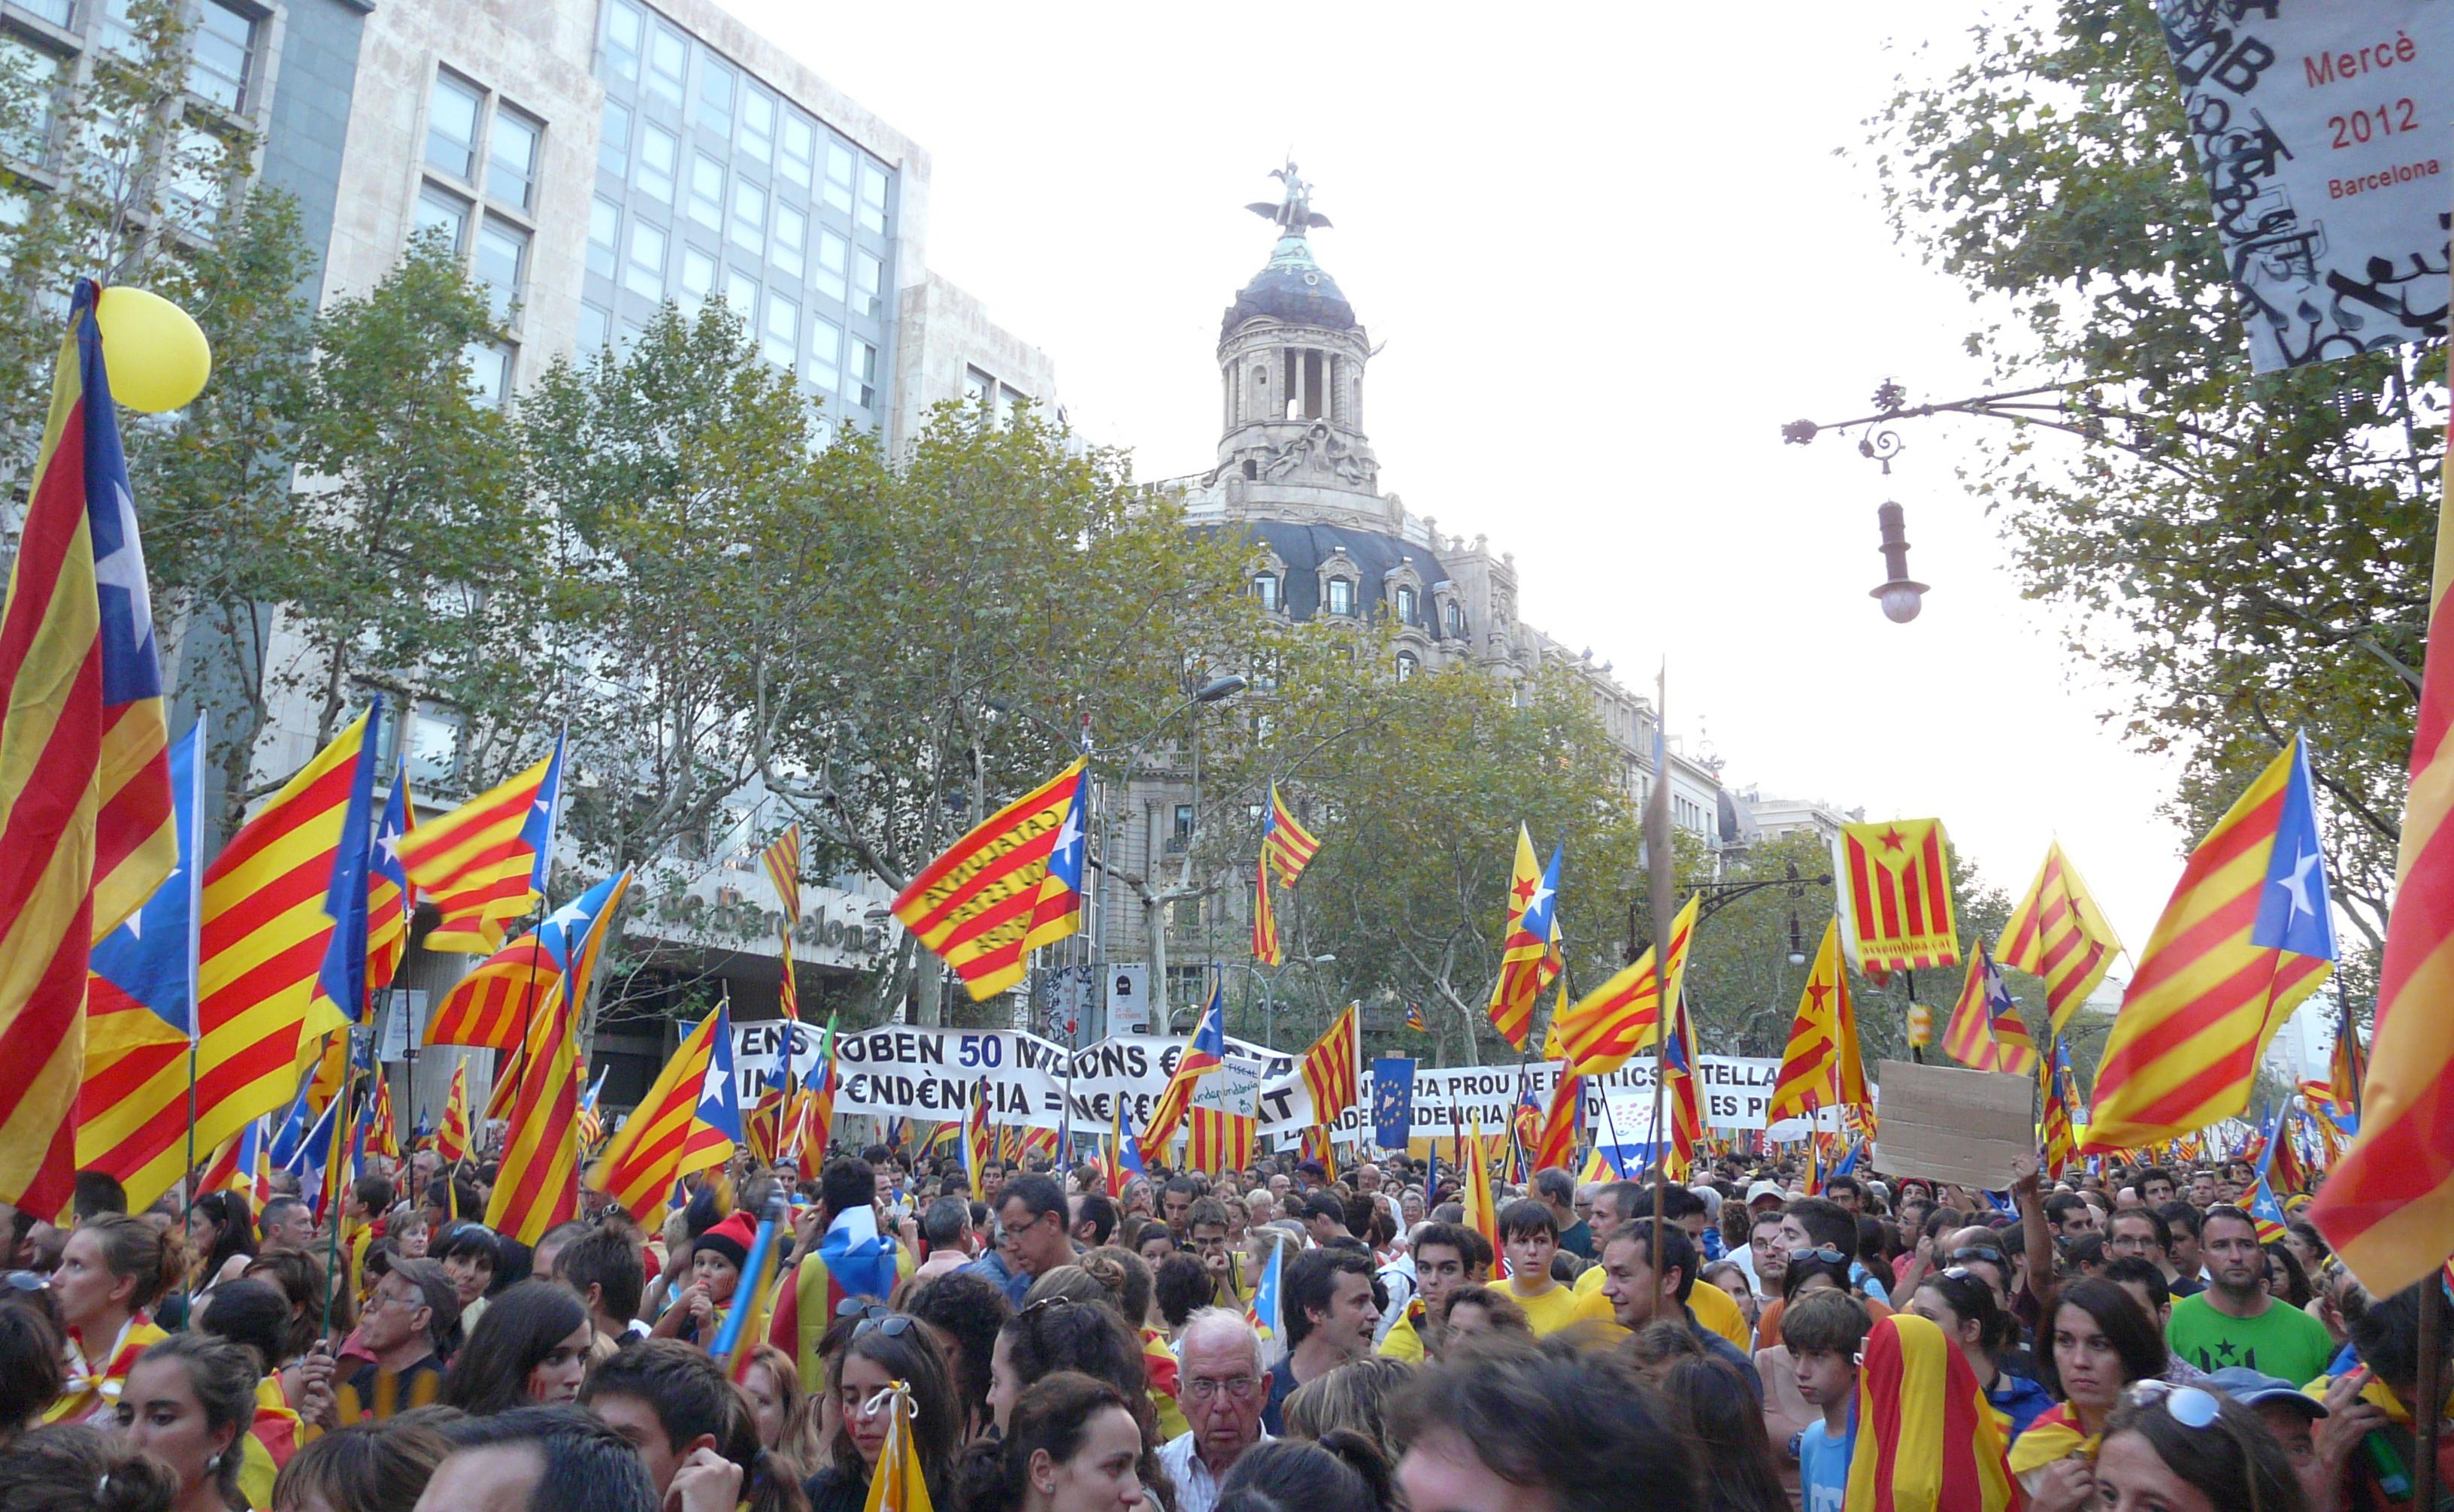 La_Unión_i_el_Fènix_P1160234